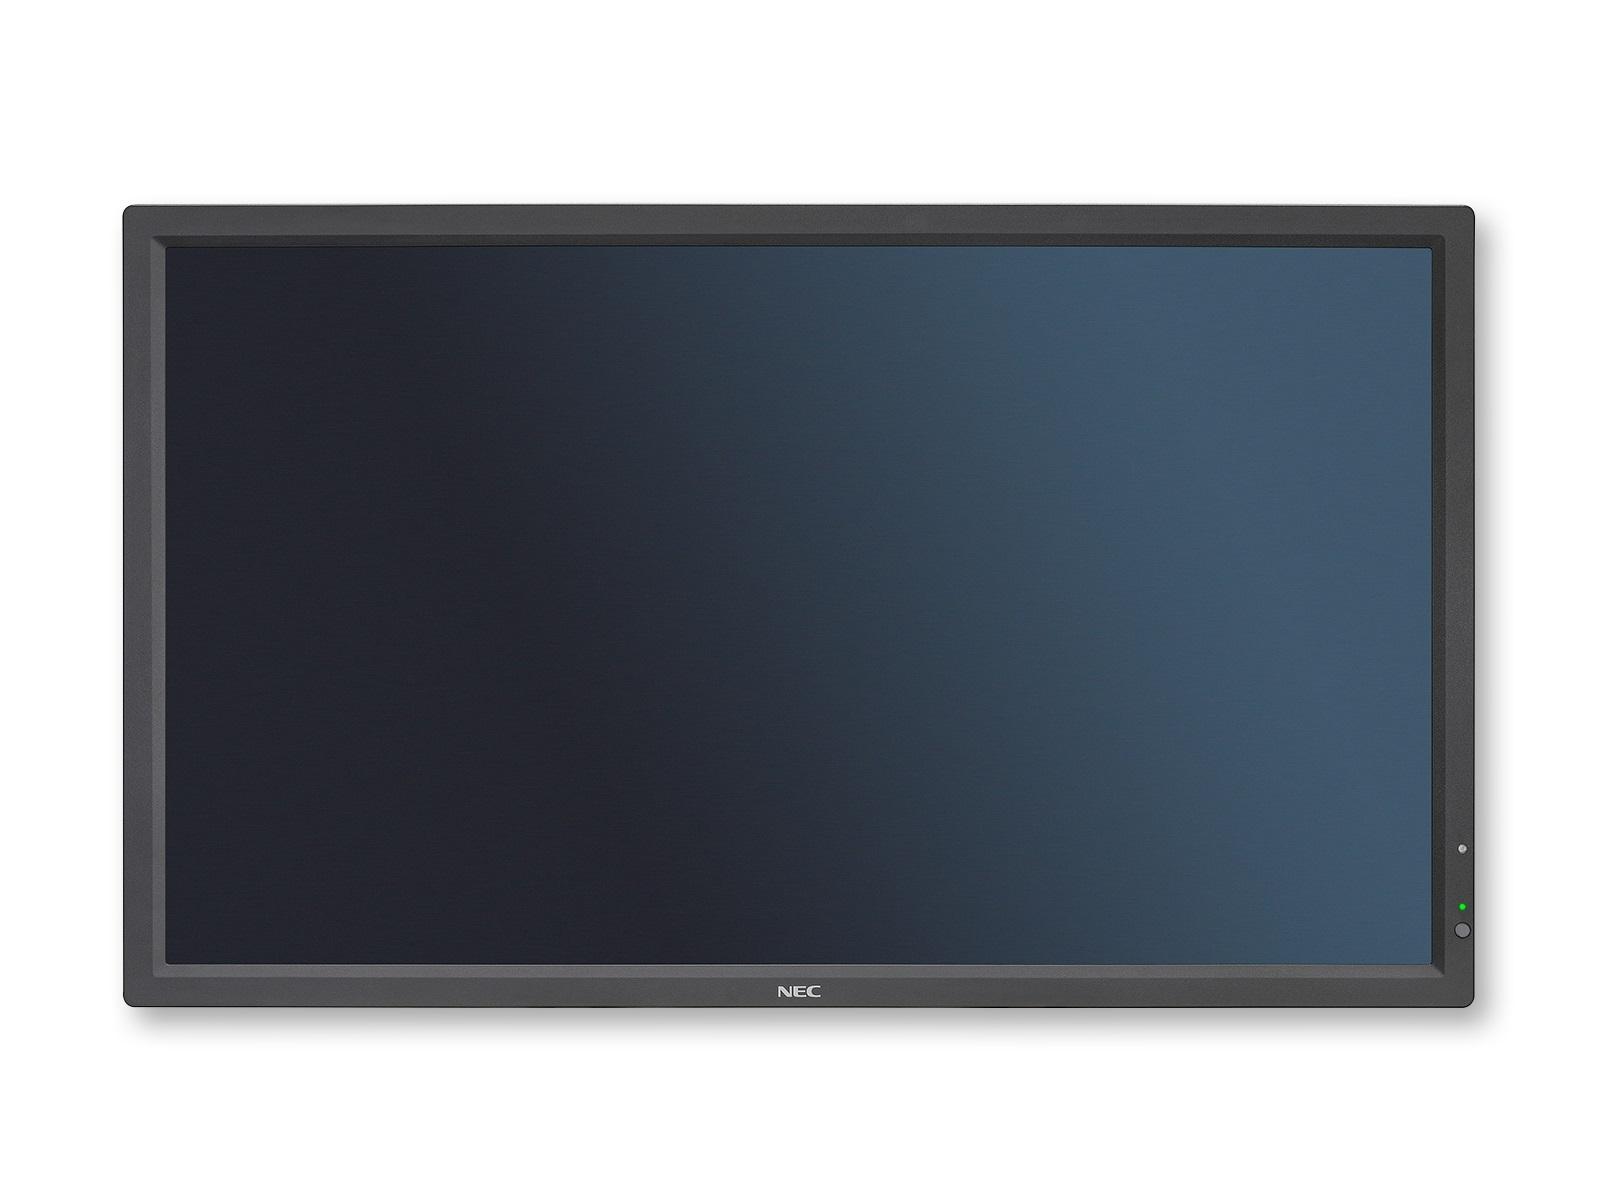 """NEC 32"""" velkoformátový display V323-2 - 24/7, 1920X1080, 450cd, bez stojanu"""